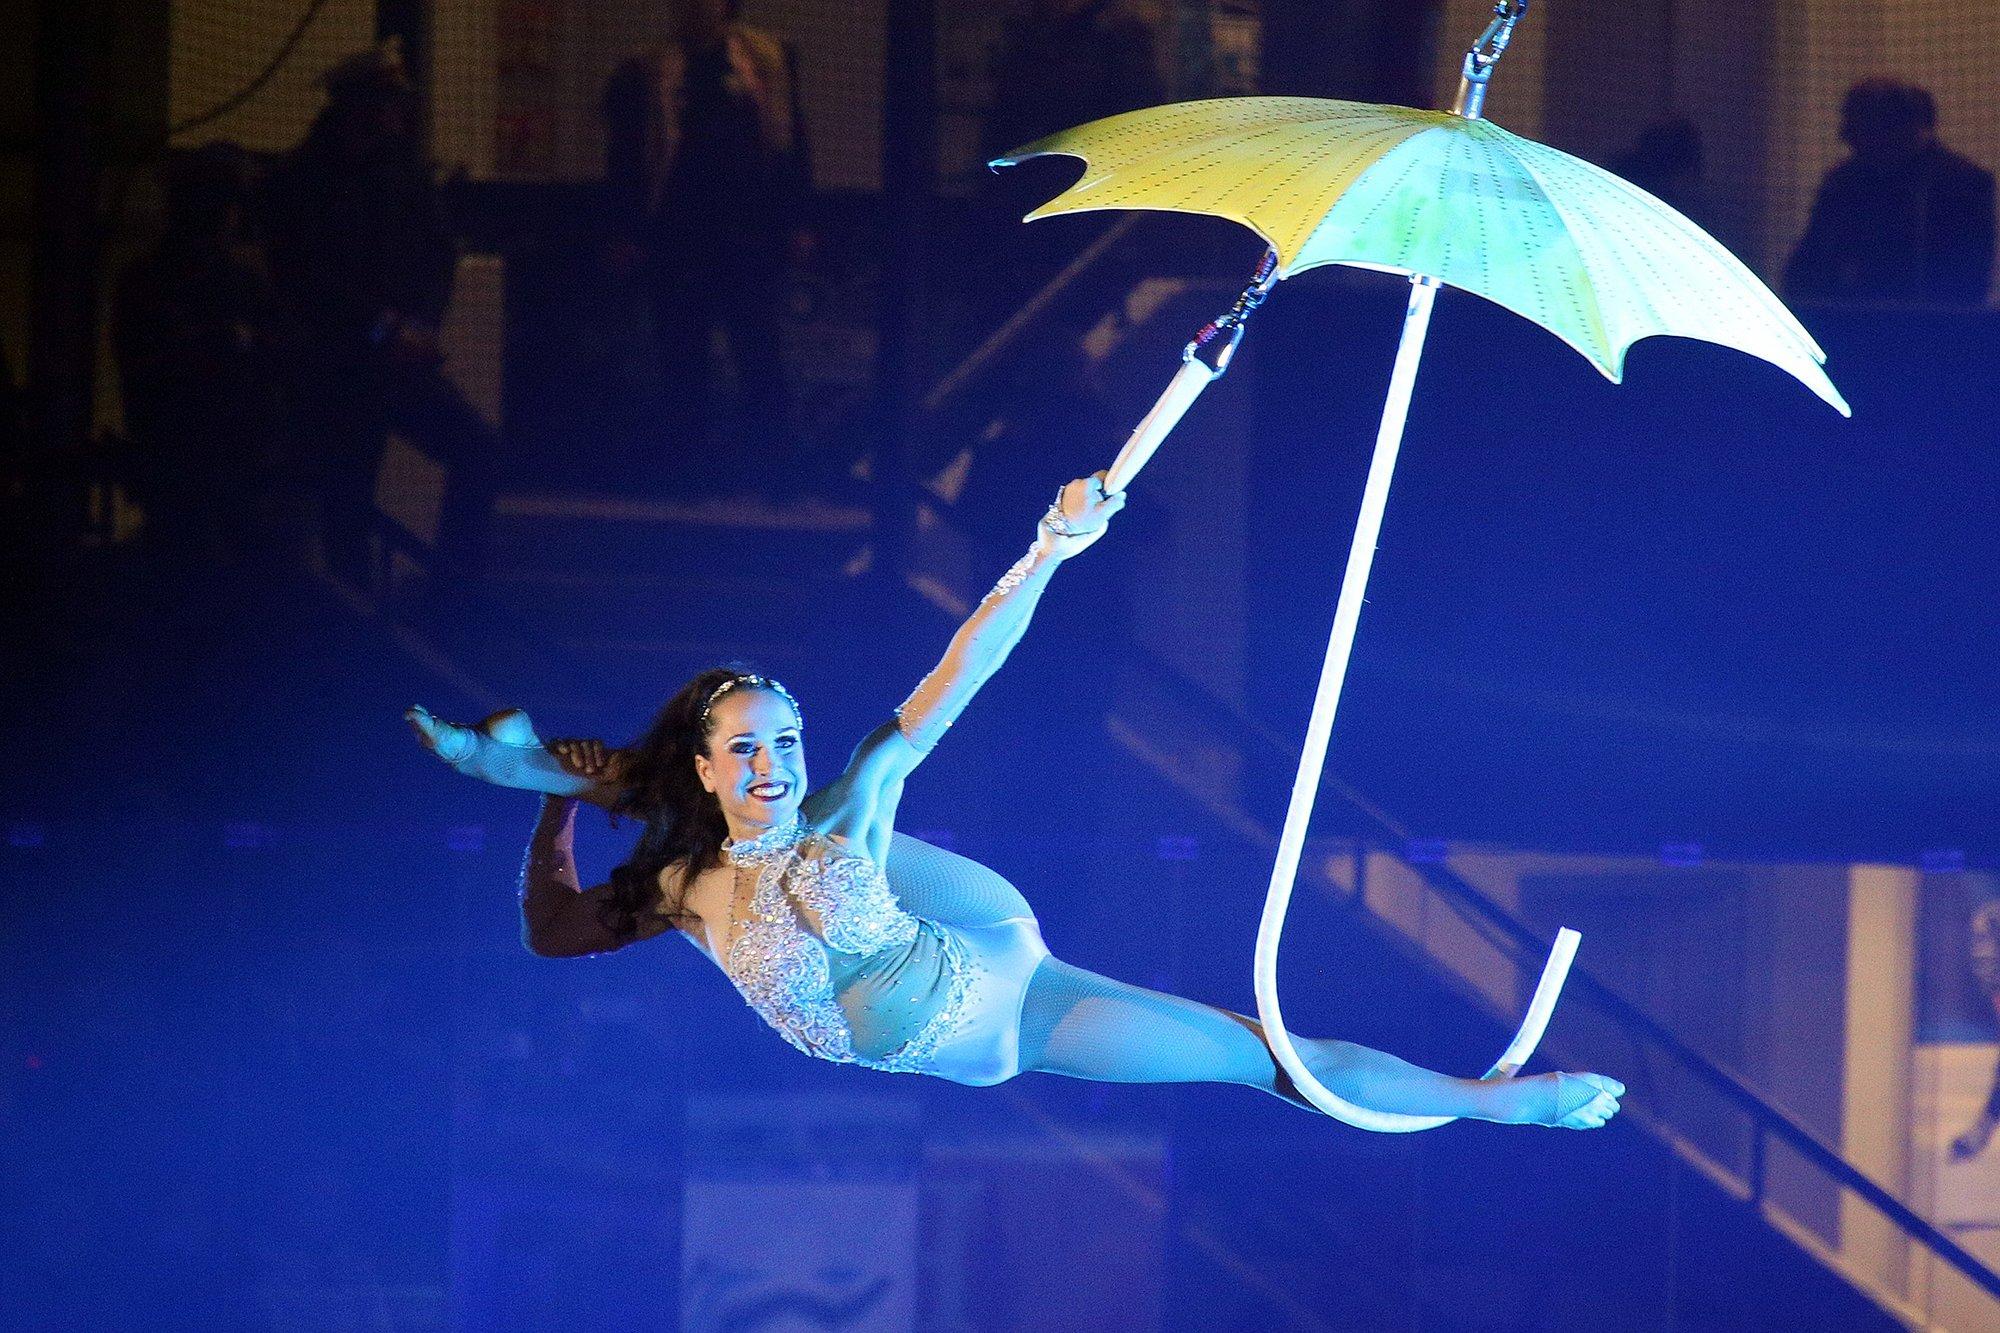 Luftartisten am Schirm, Tuch oder Ring als Höhepunkt für jede Gala oder Event